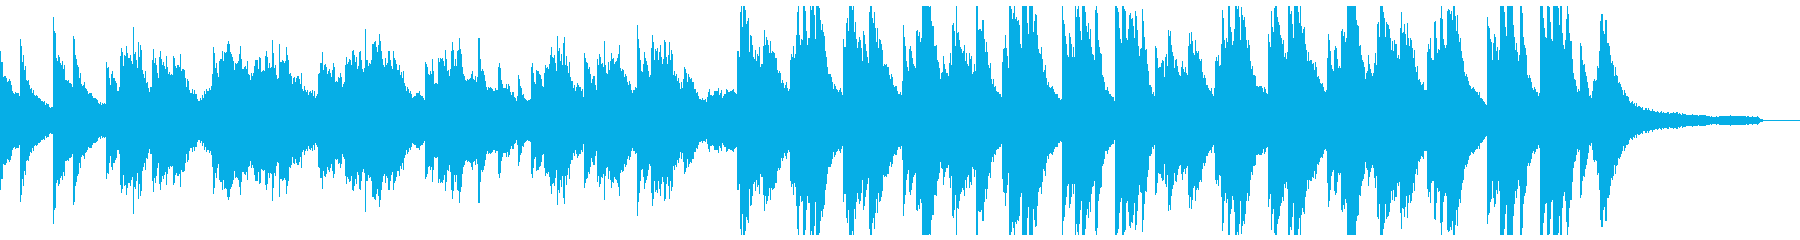 暗い過去を回想するような重いピアノオケ②の再生済みの波形